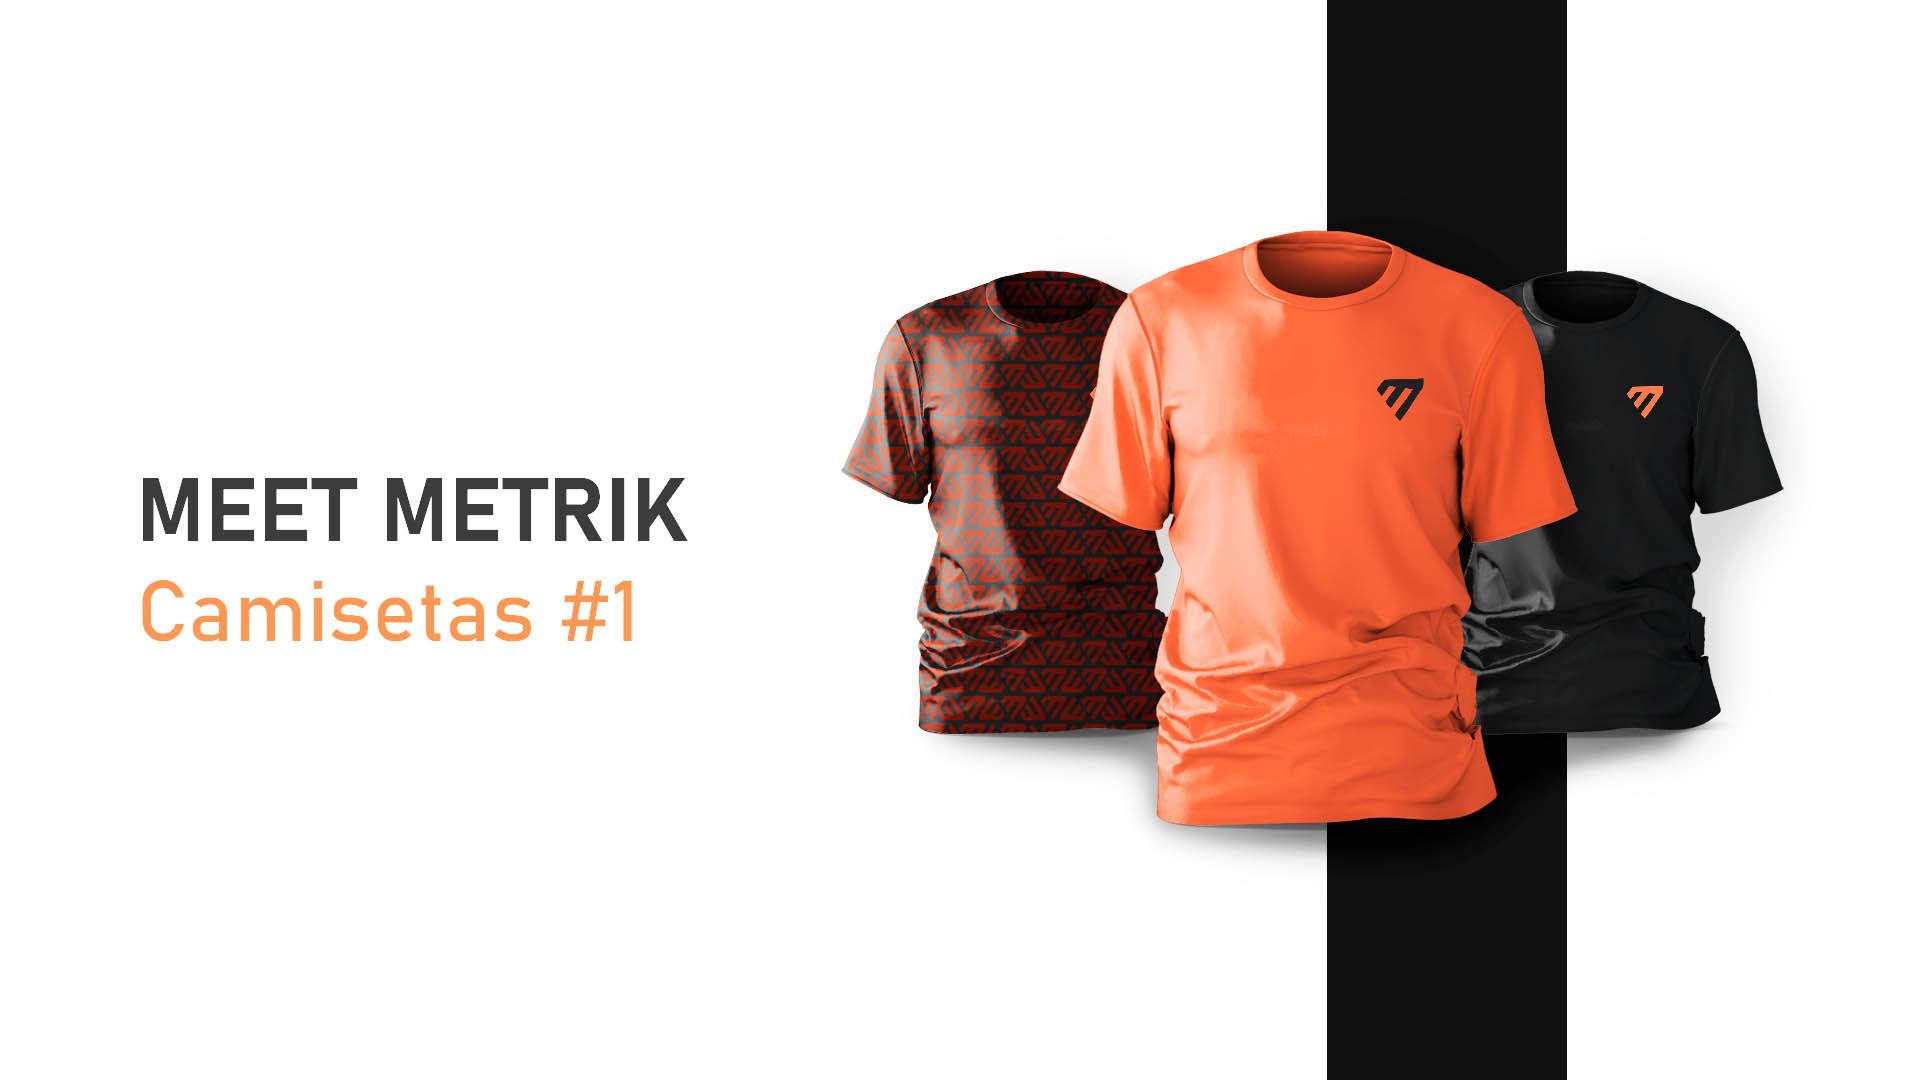 Metrik T-shirts